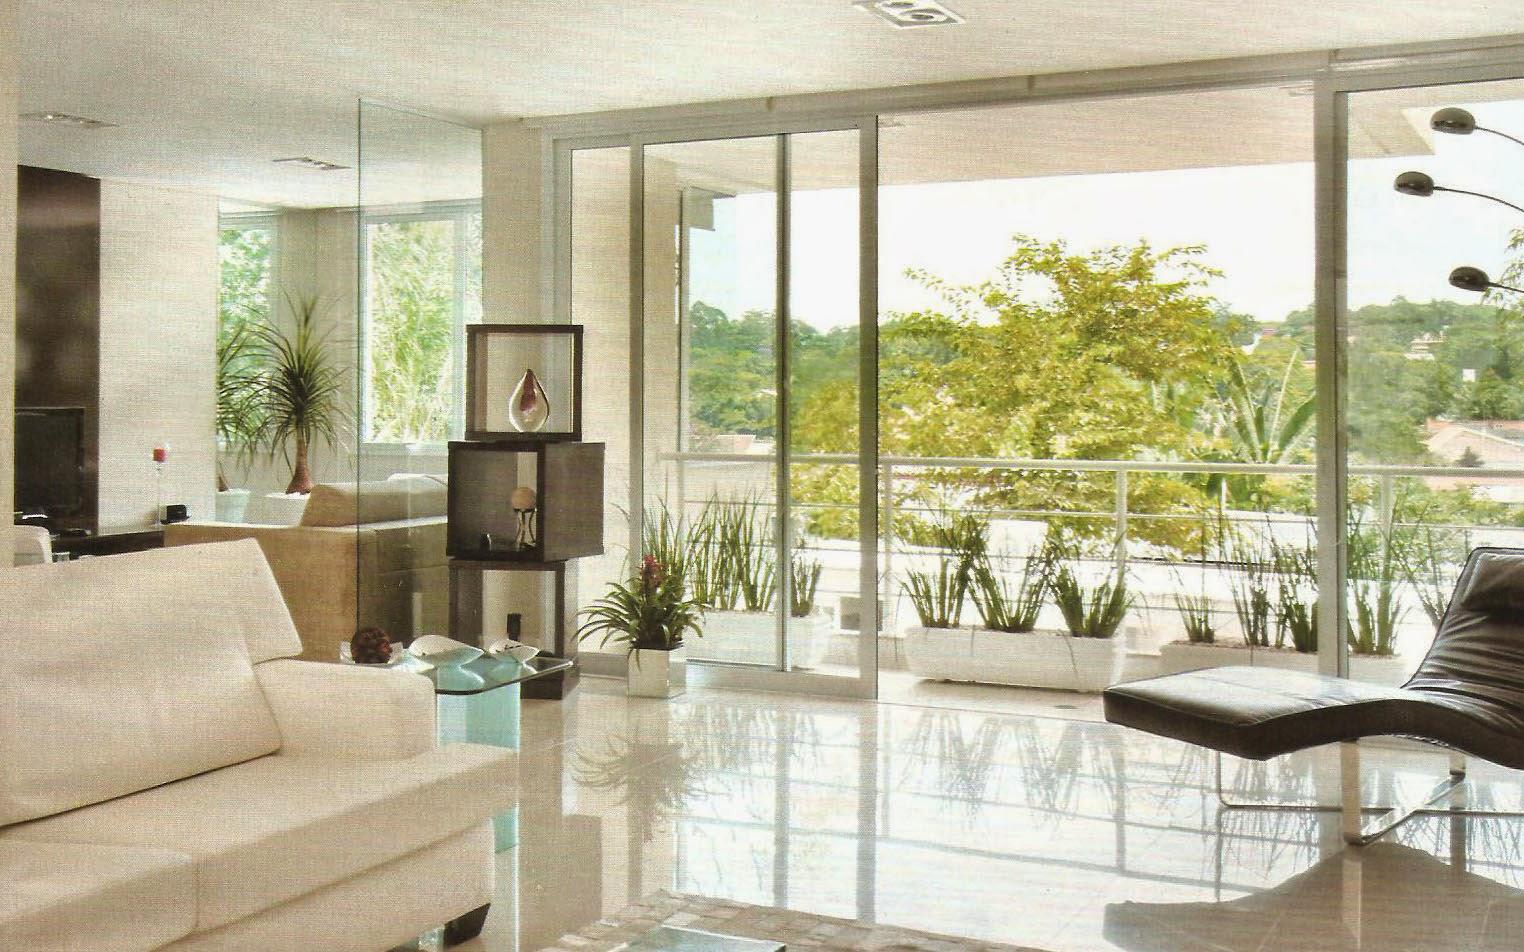 Construindo Minha Casa Clean 10 Dicas De Como Economizar Energia